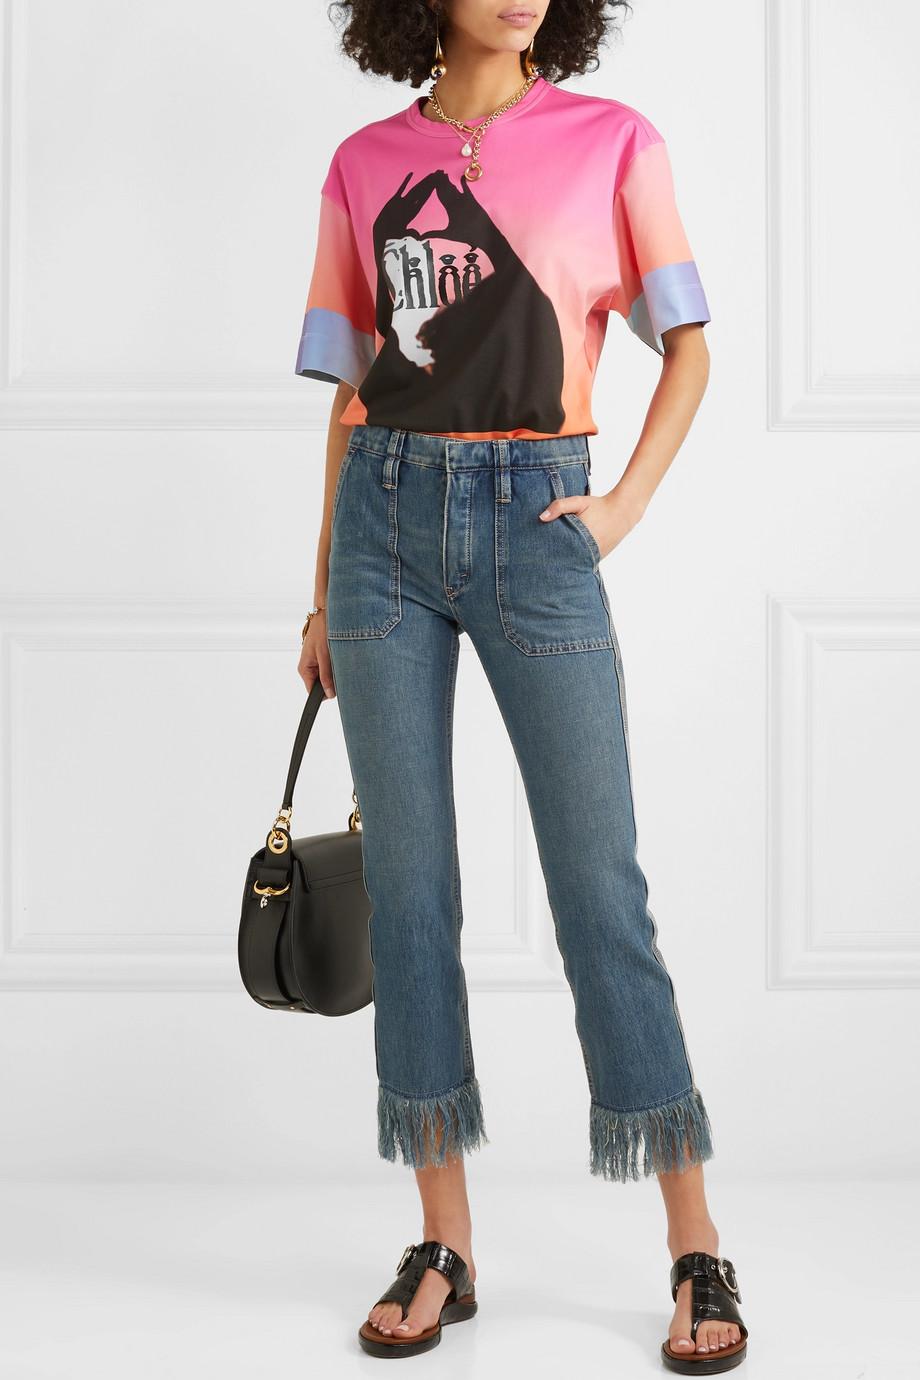 Chloé Verkürzte, halbhohe Jeans mit schmalem Bein